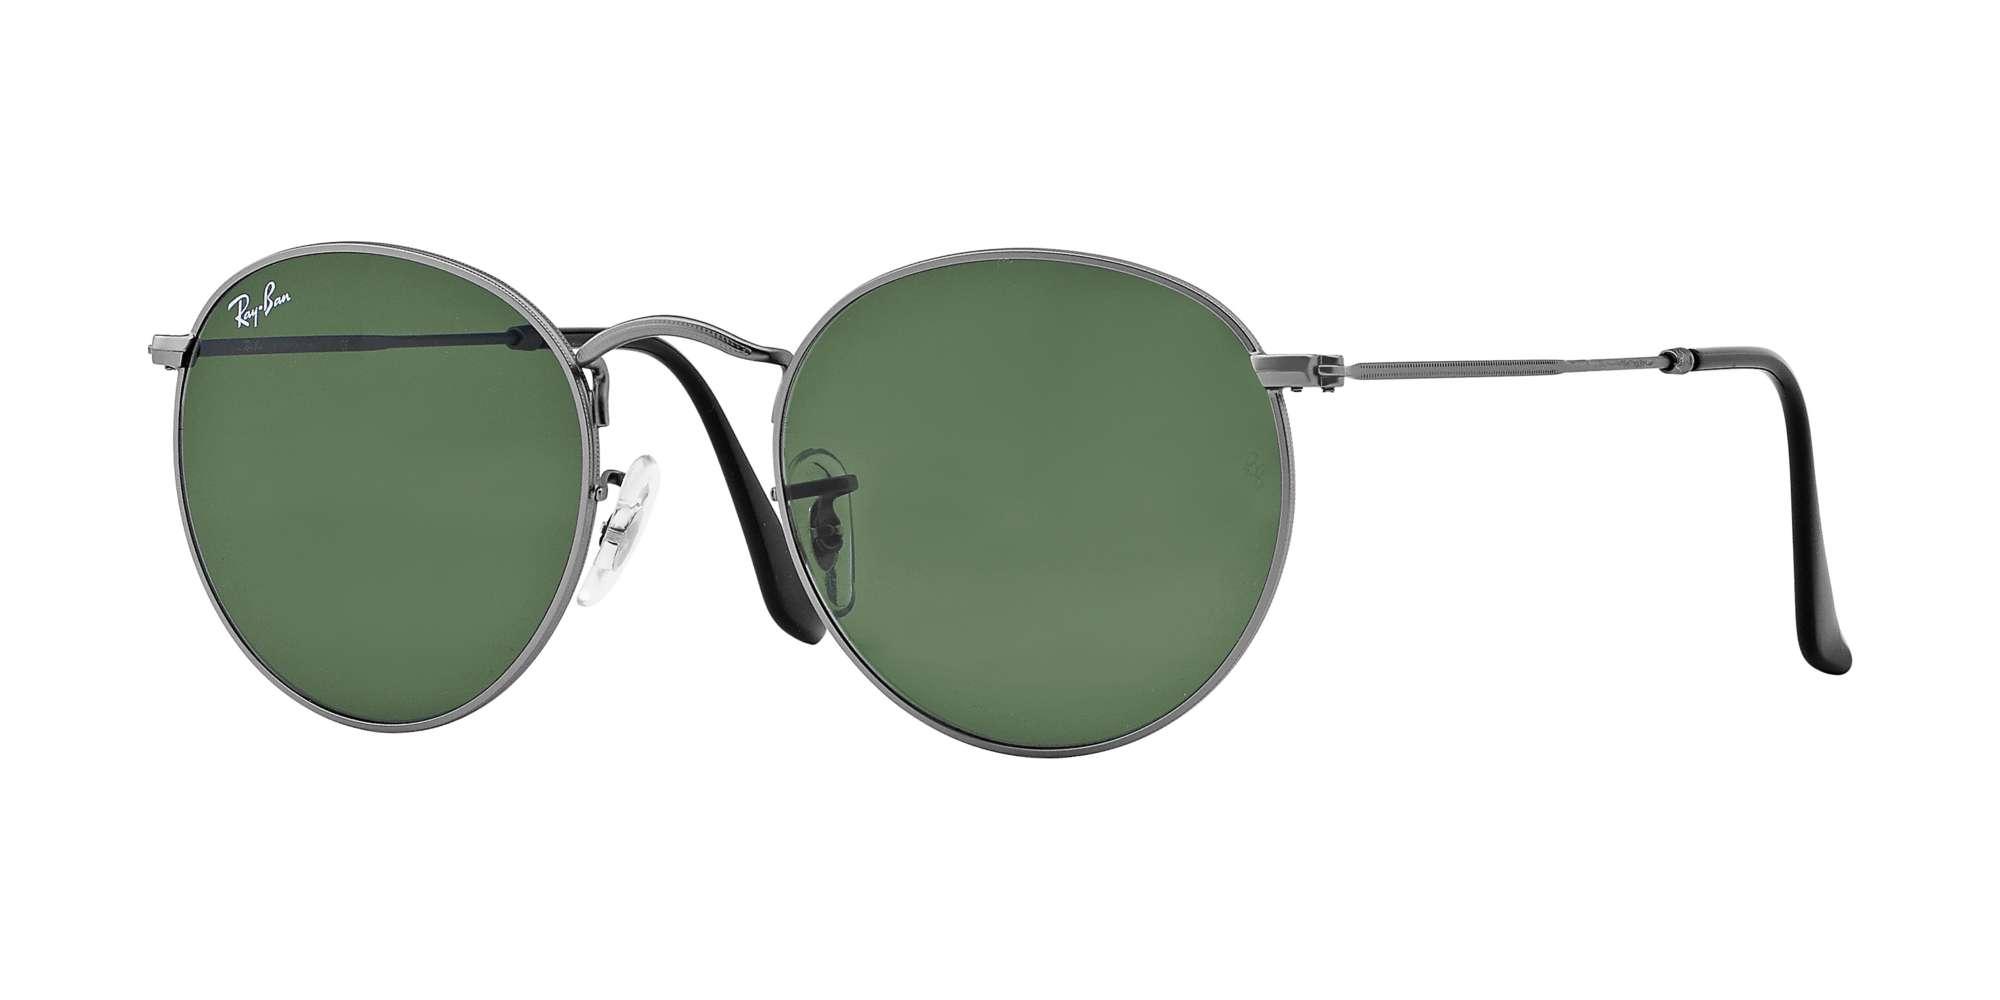 MATTE GUNMETAL / CRYSTAL GREEN lenses